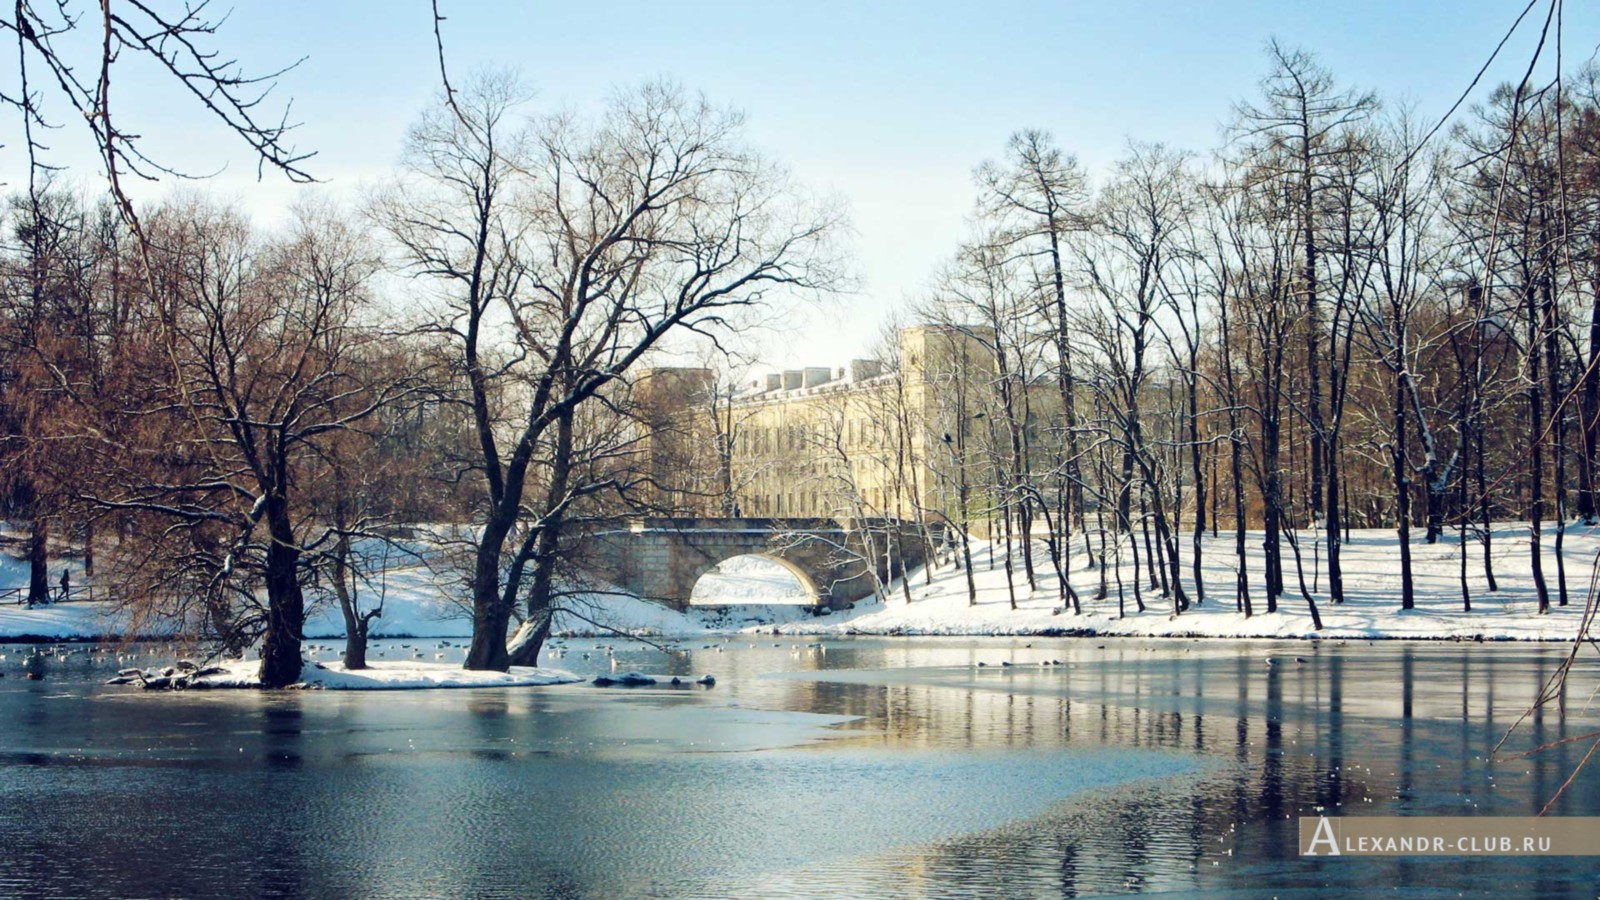 Вид на Карпин мост и дворец со стороны Белого озера, Гатчинский парк